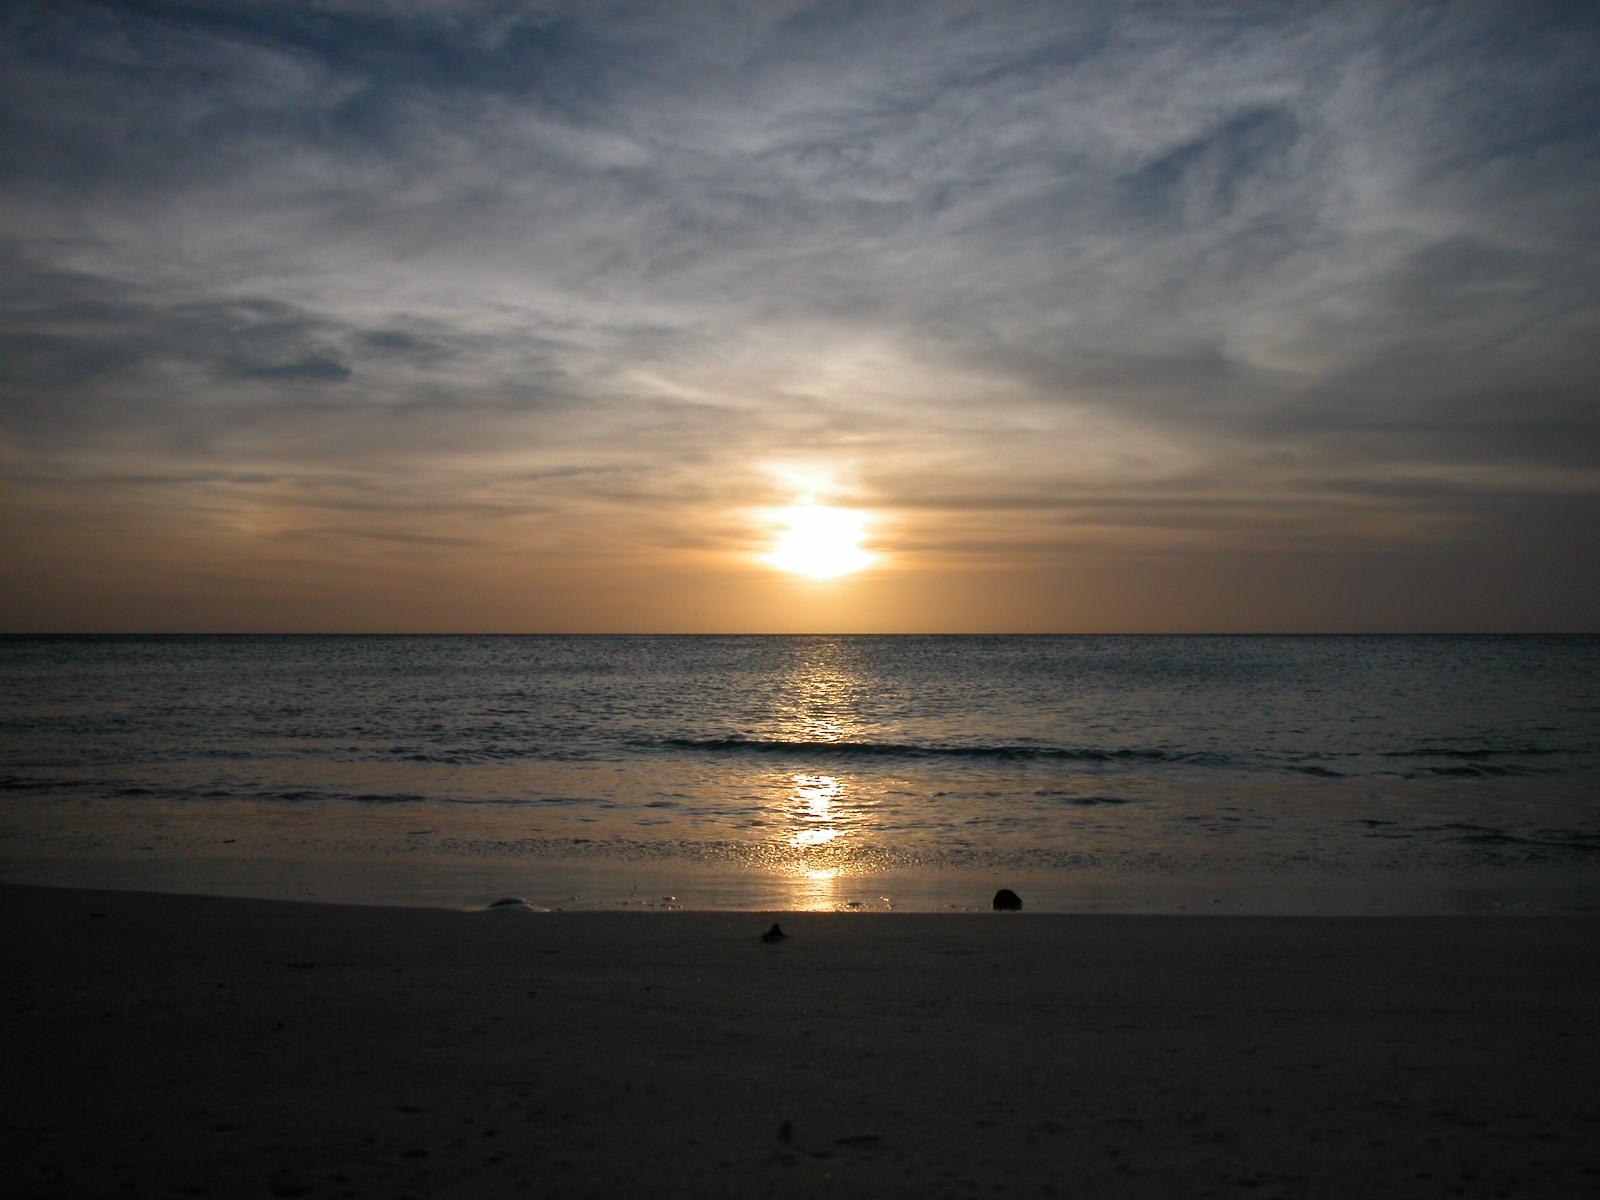 paisagens da natureza, mar, água, praia, amanhecer